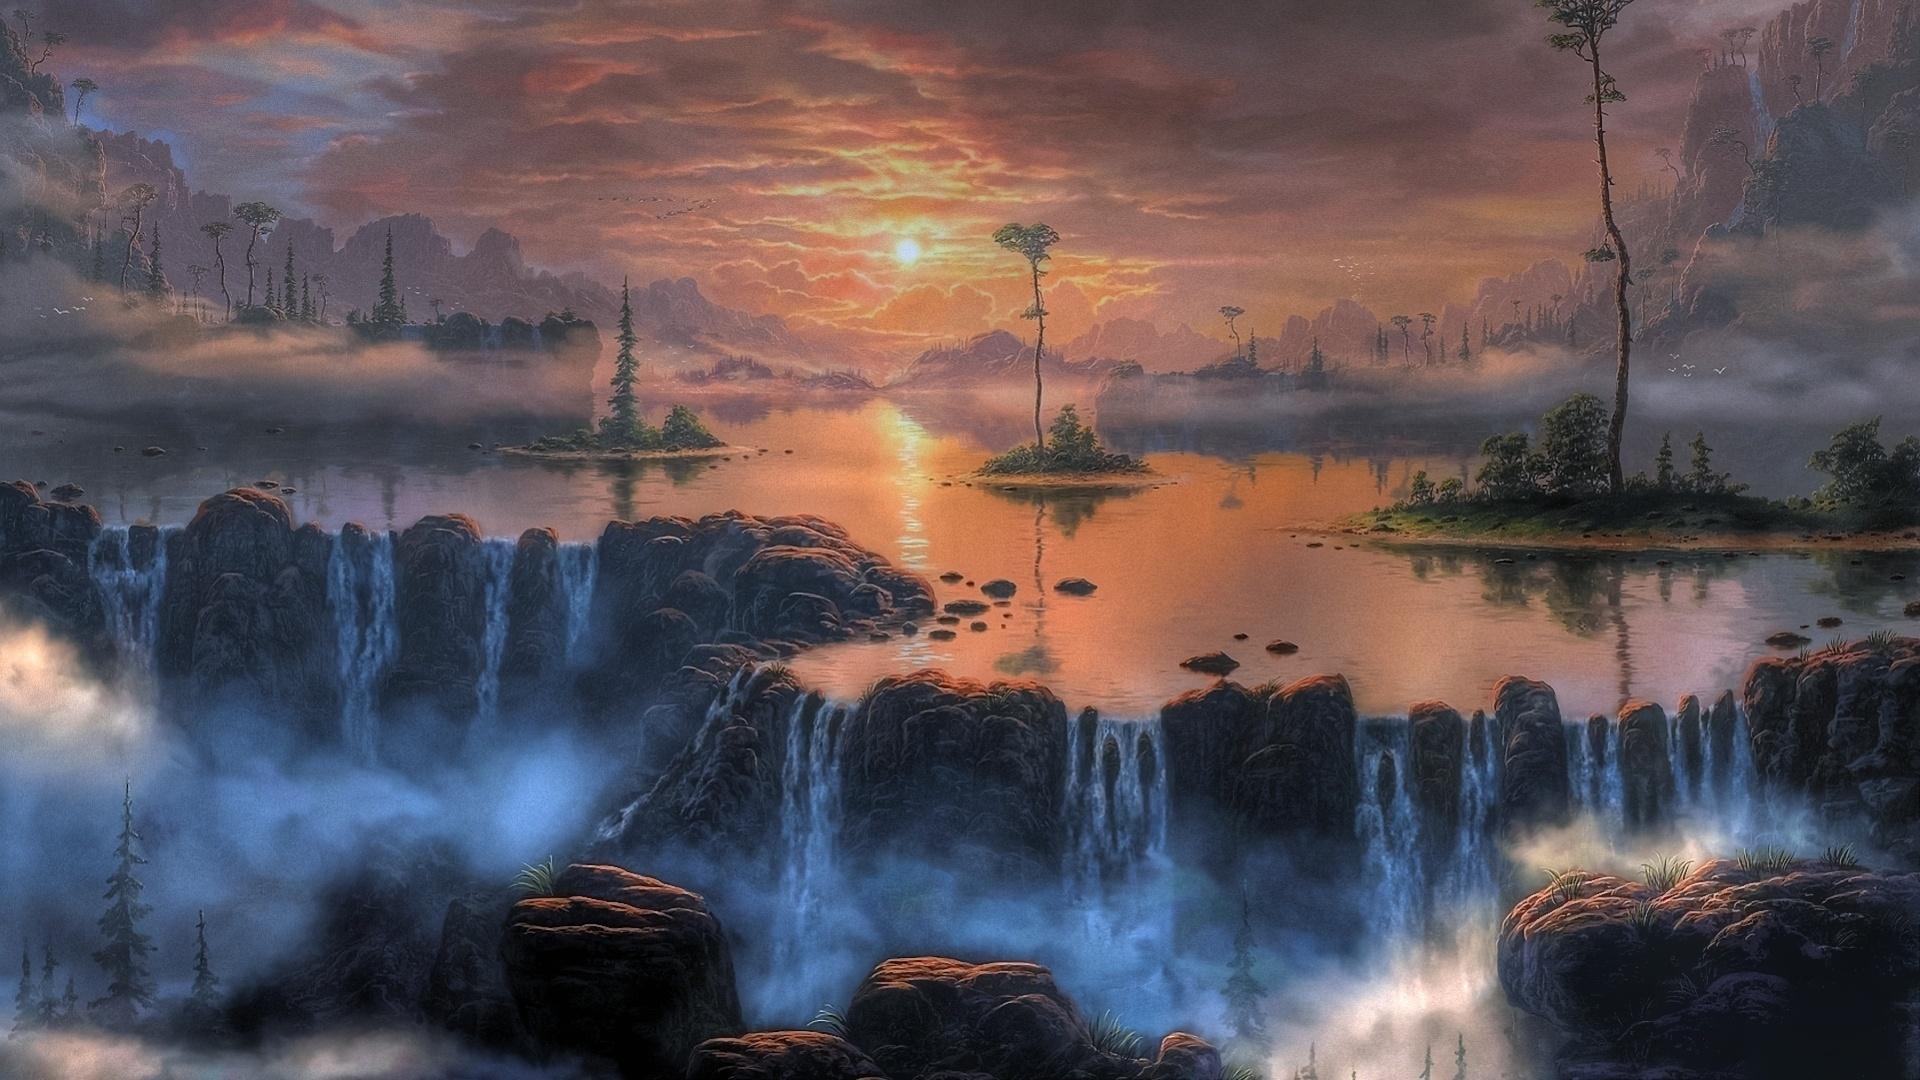 Res Fantasy Landscape Download Wallpaper